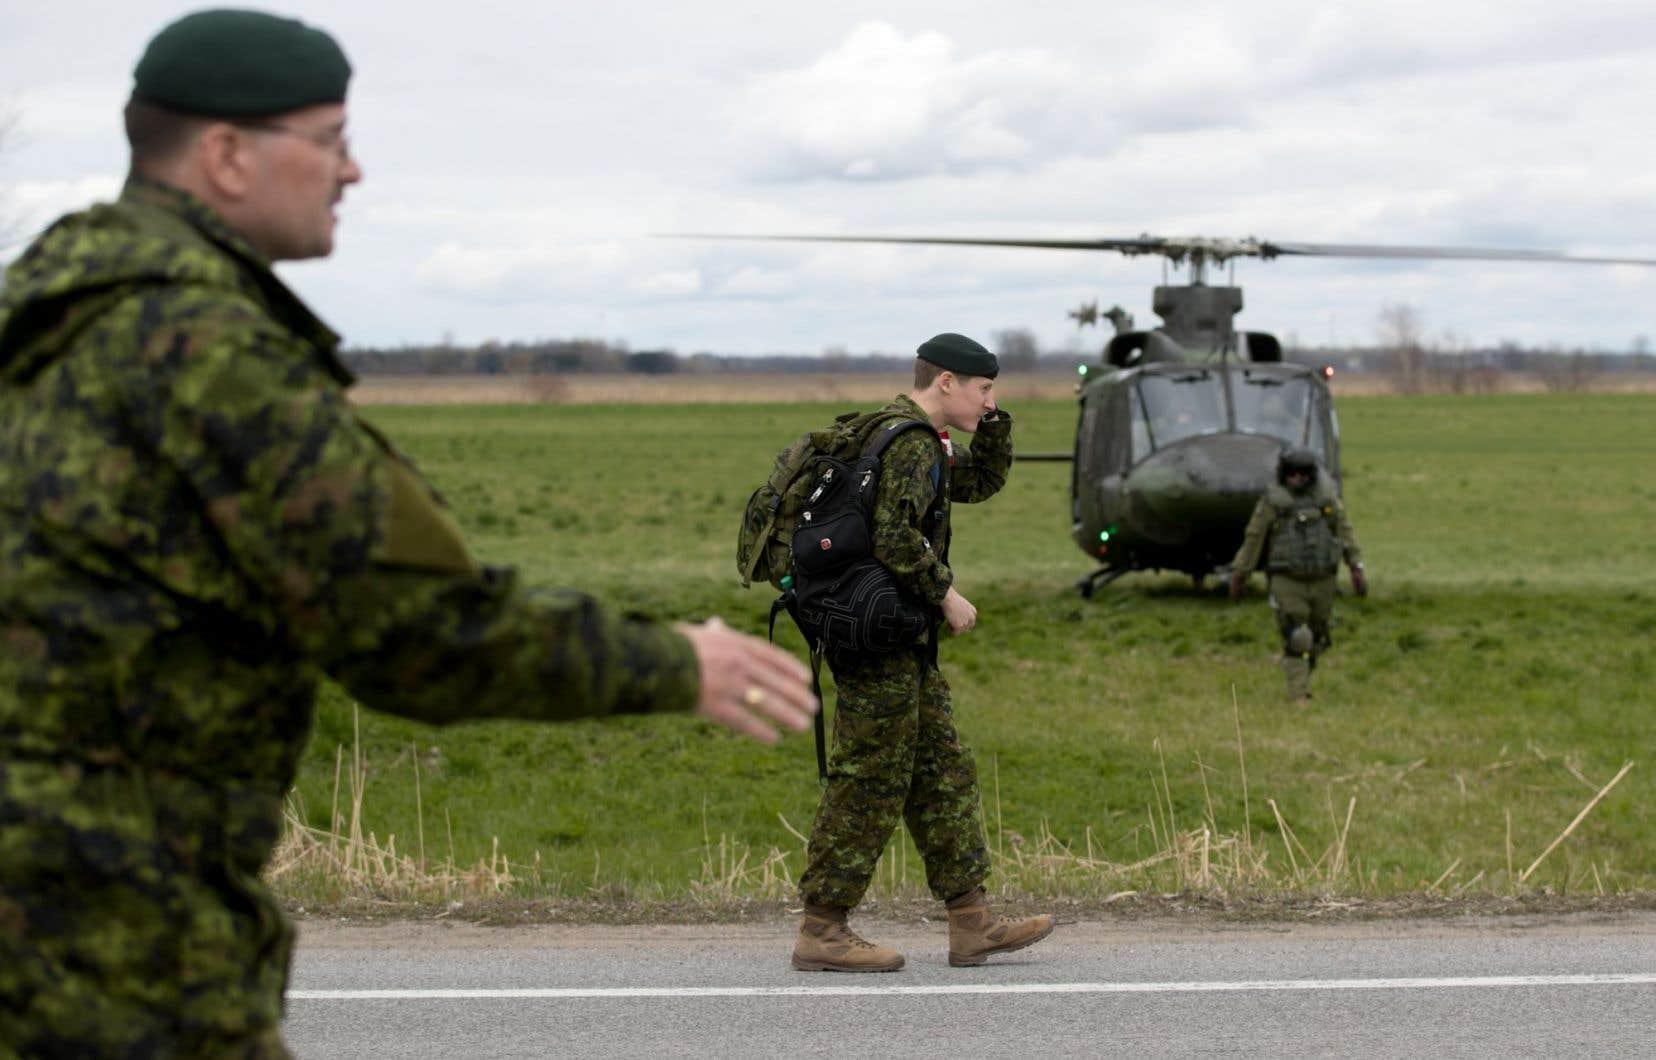 «À l'intérieur du pays, les soldats n'ont pratiquement toujours servi qu'en soutien à la sécurité civile pendant des catastrophes naturelles», remarque l'auteur.